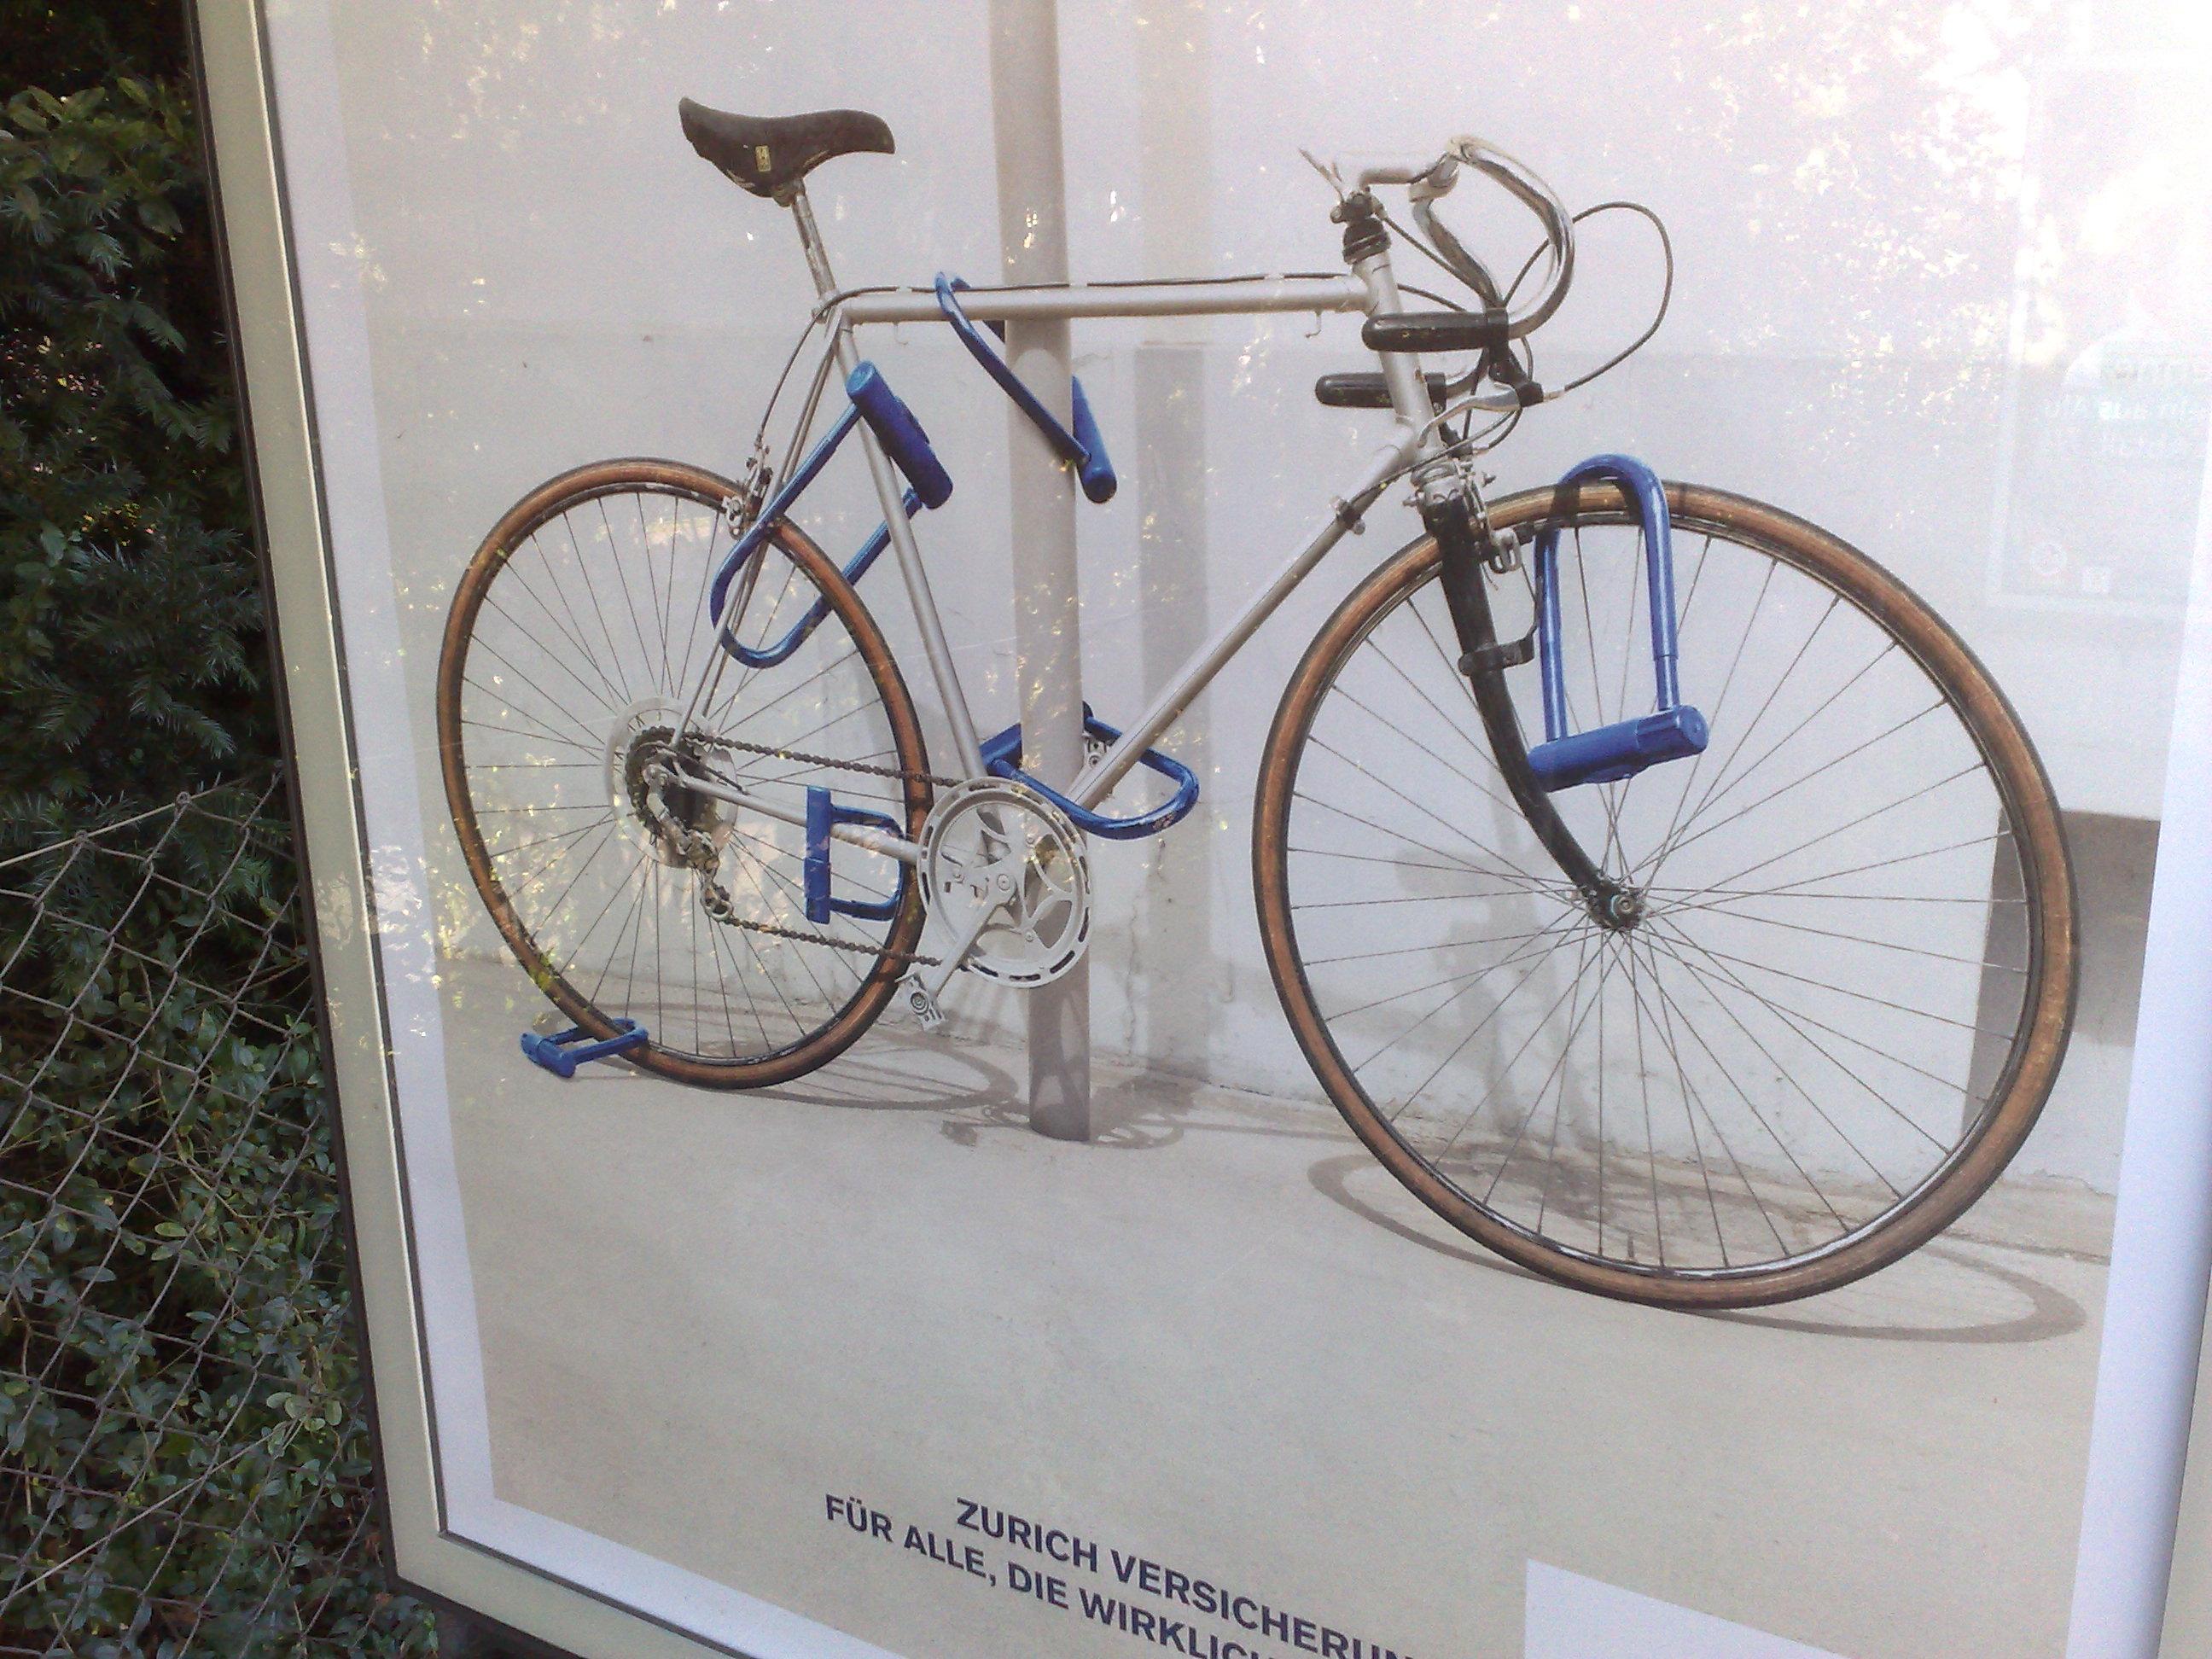 Plakatkampagne mit Fahrradschlössern